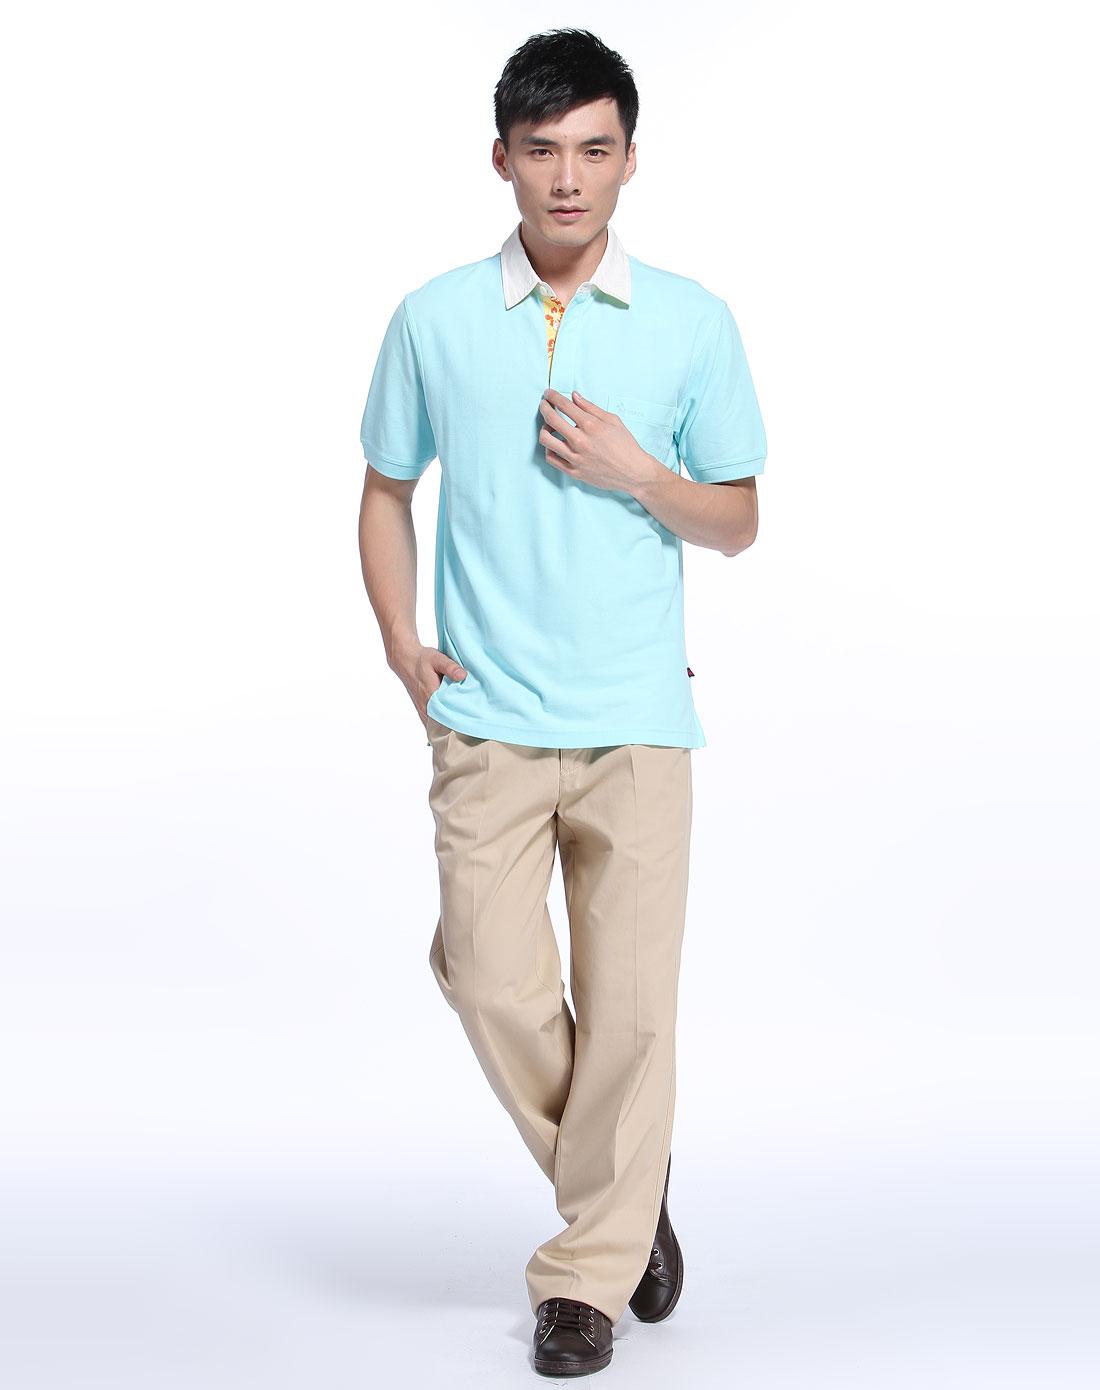 圣大保罗男装专场 > 男款浅蓝色翻领时尚短袖t恤